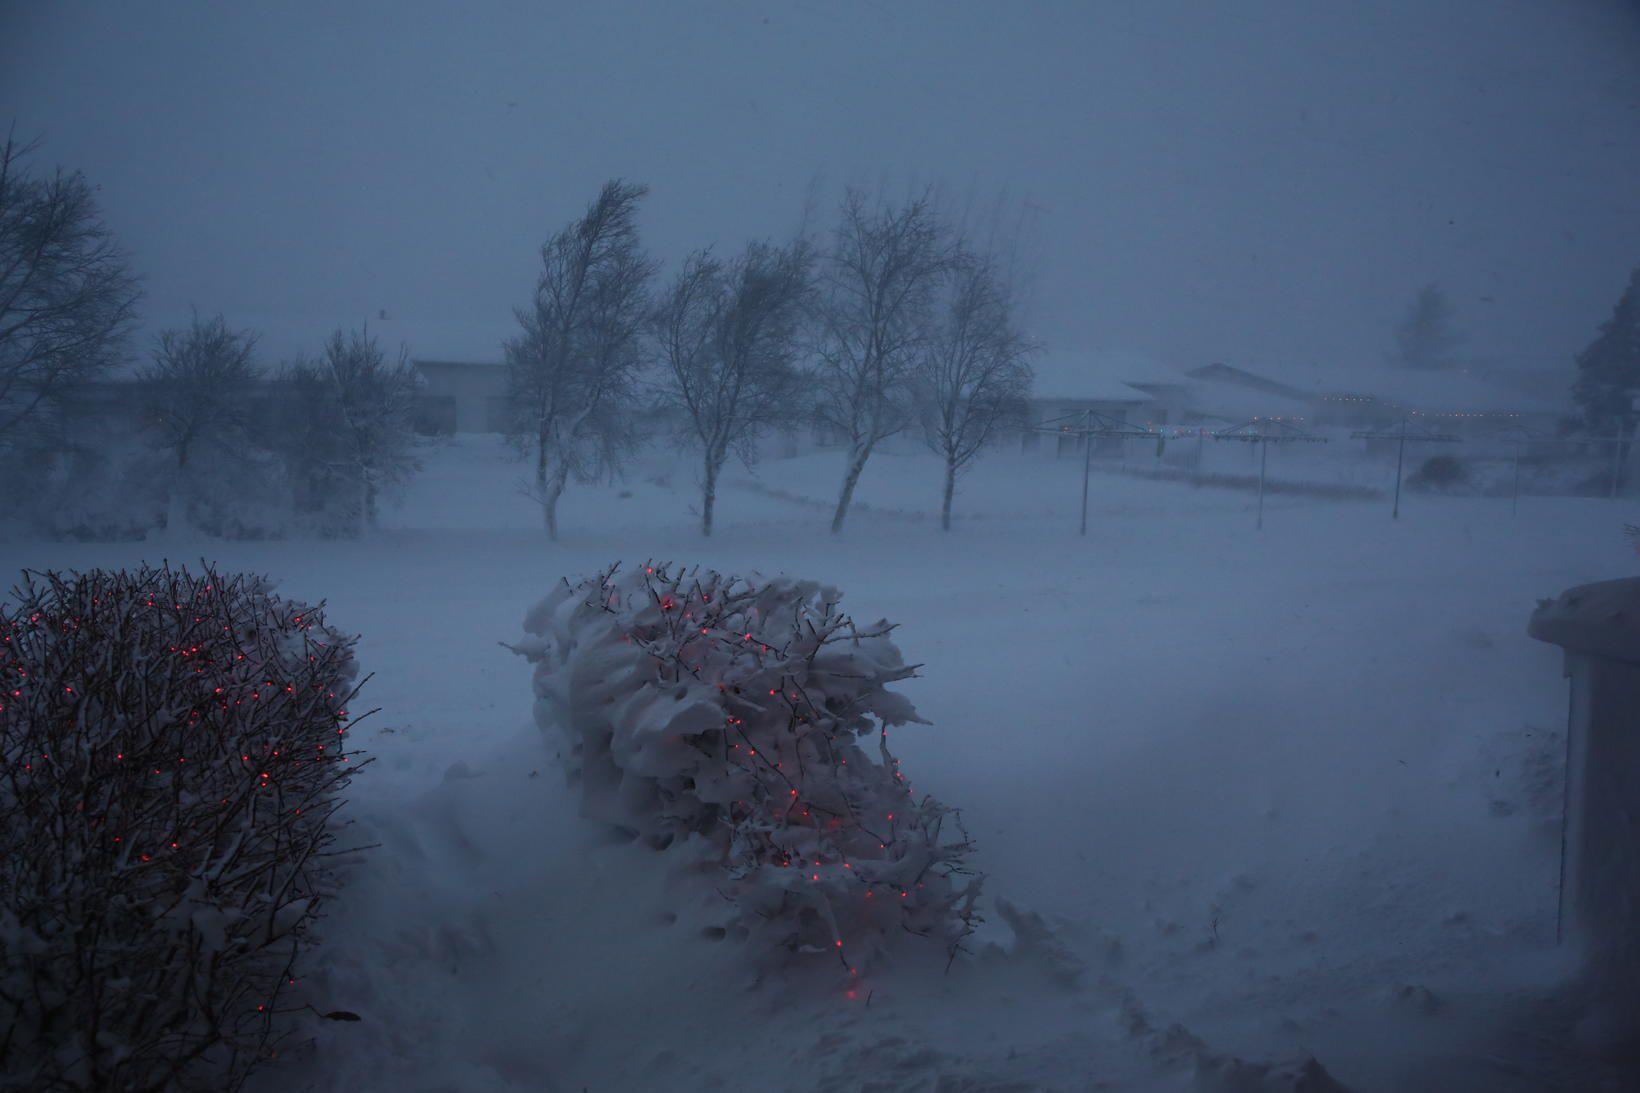 Frá Akureyri í dag. Hættustigi almannavarna hefur verið lýst yfir …